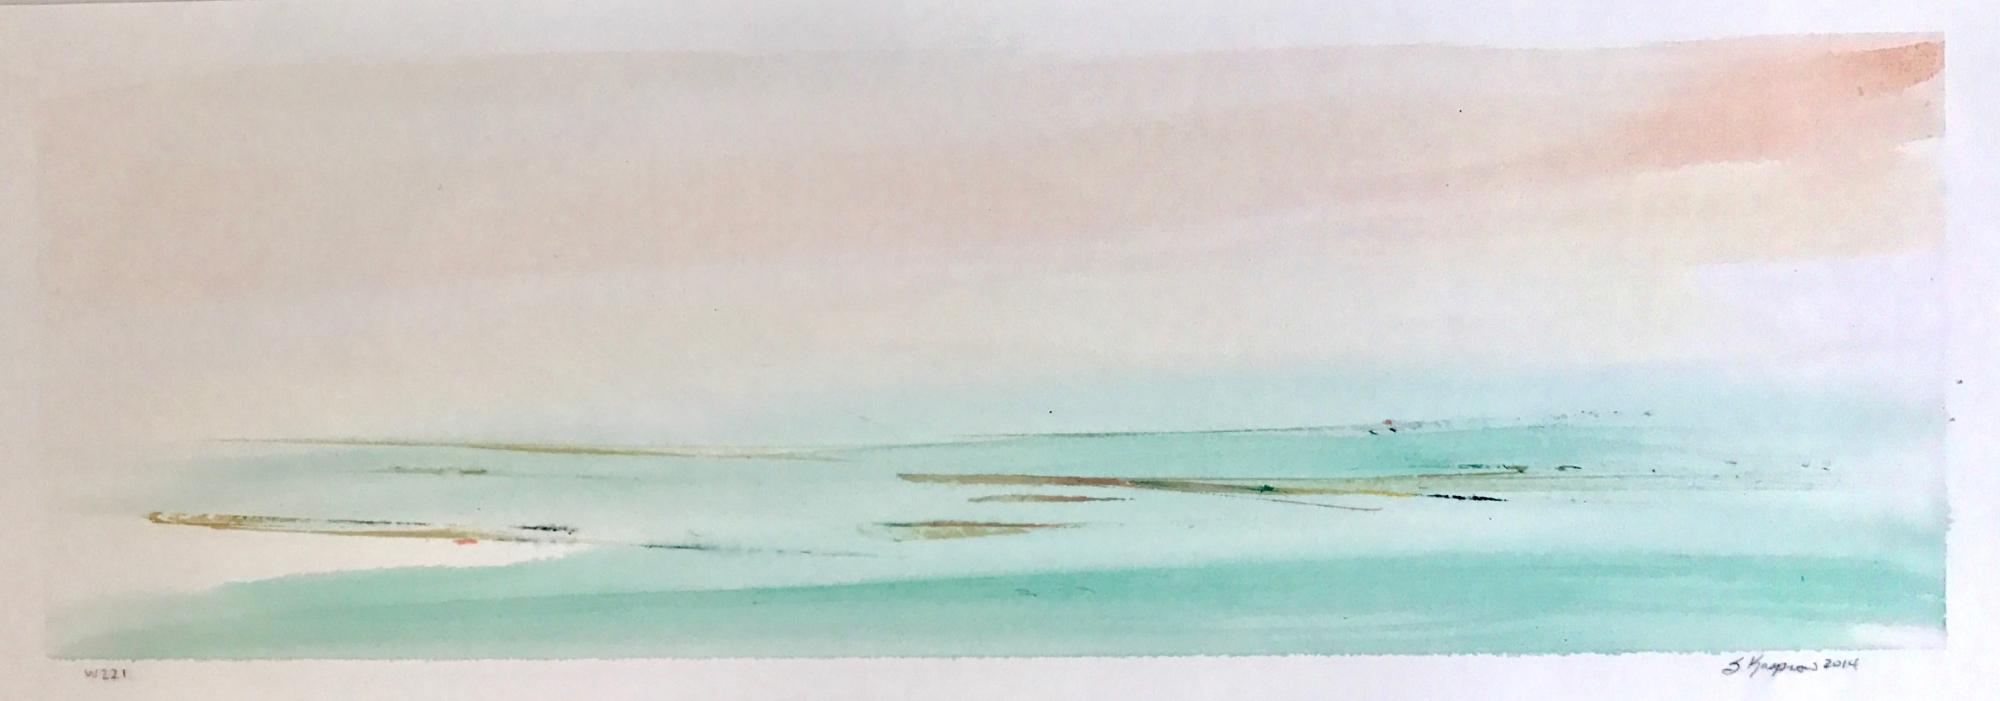 W221 by Sheri Kasprow